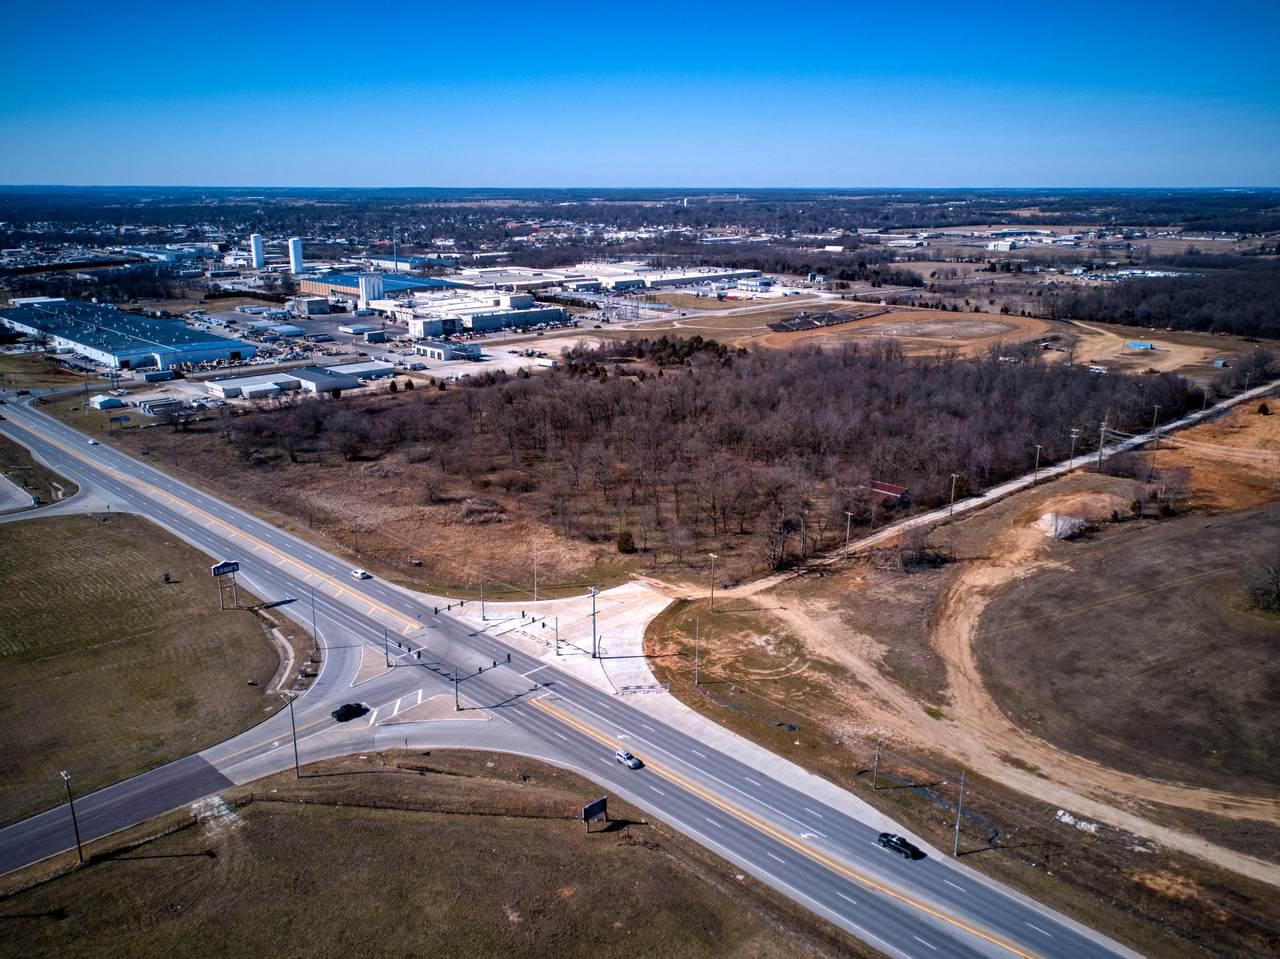 910 U S Highway 60 - Photo 1